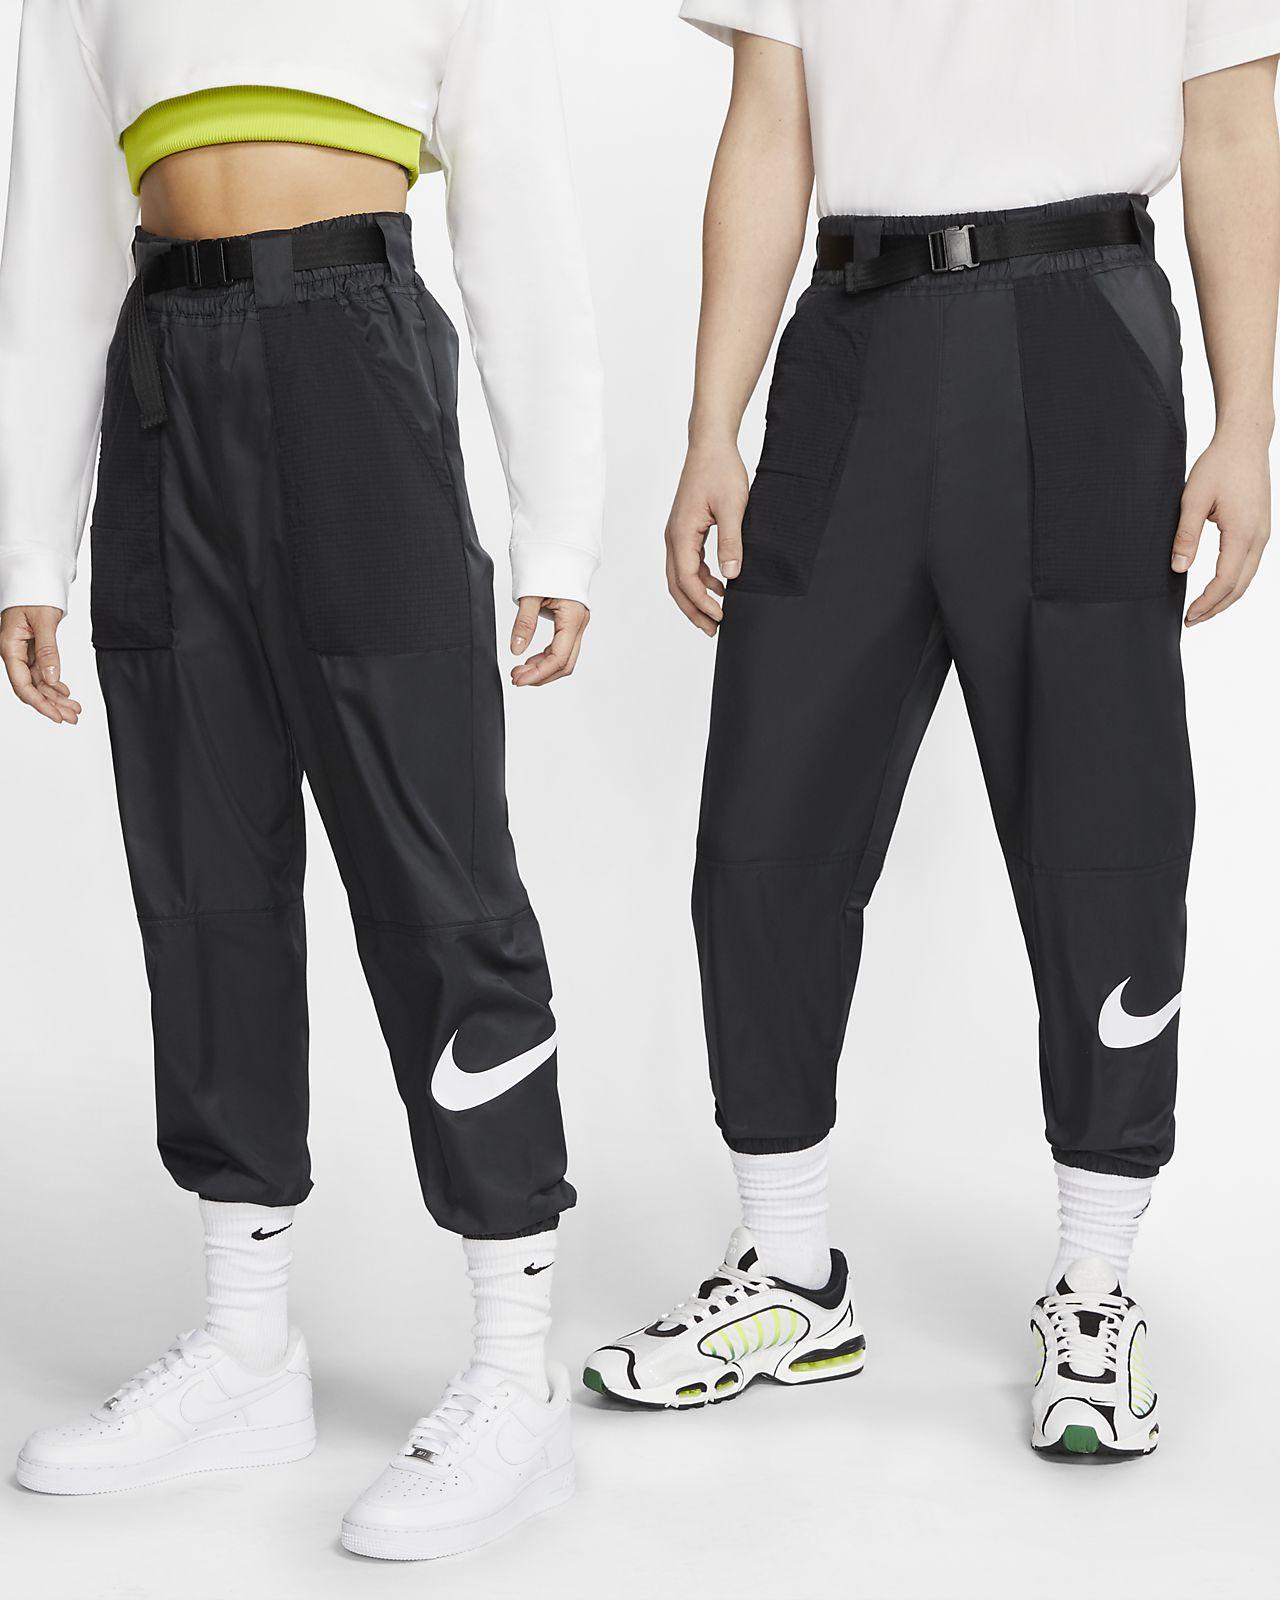 Nike Sportswear Woven Swoosh Trousers